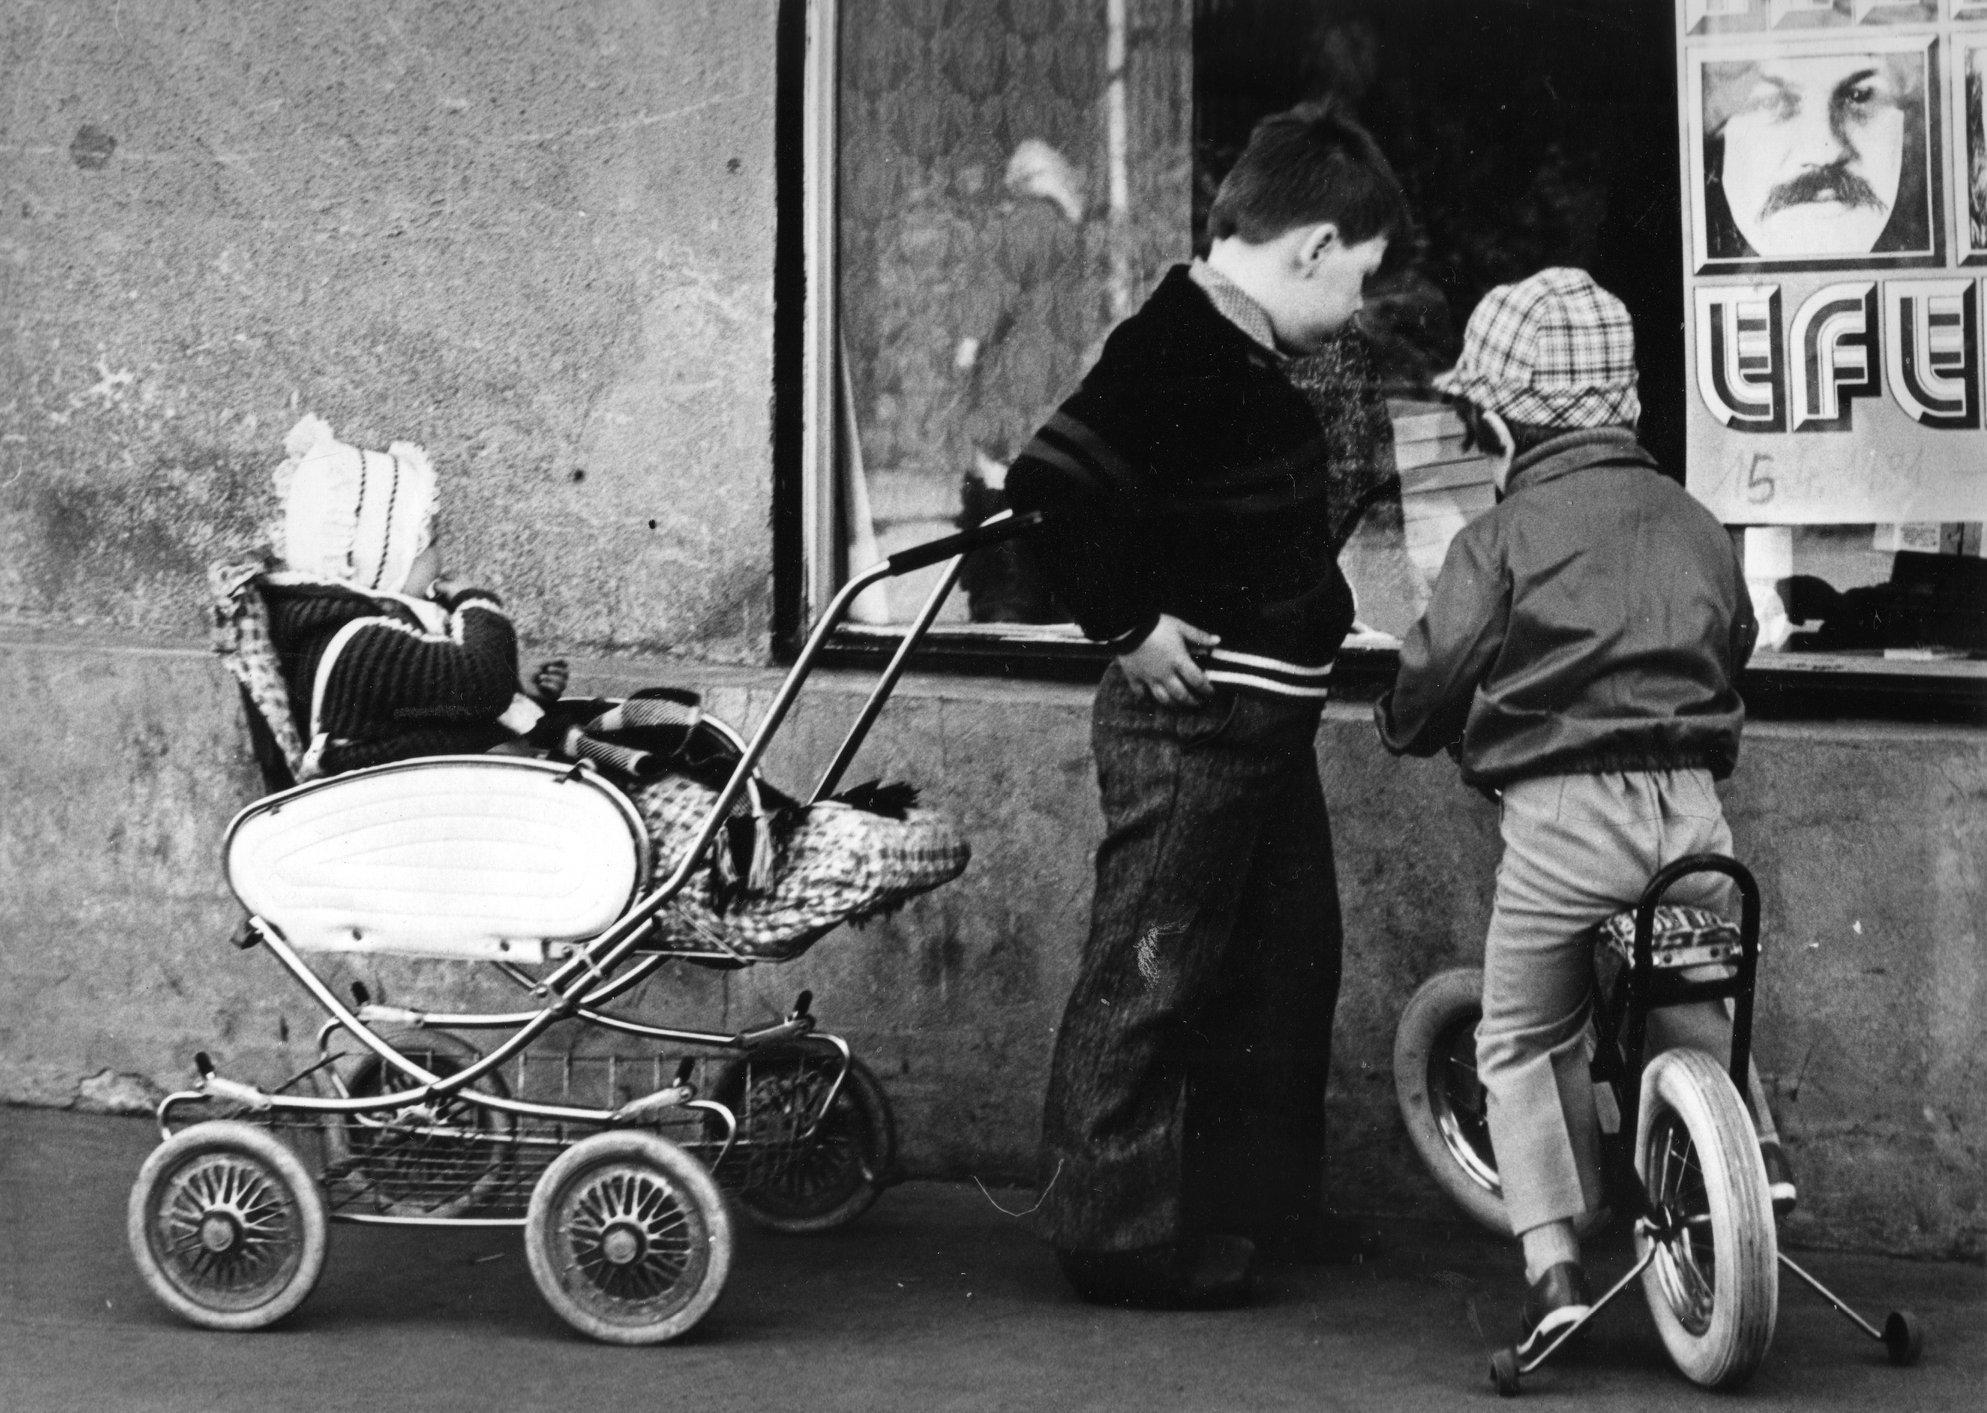 Deti pozerajú do výkladu z obchodov, 1981